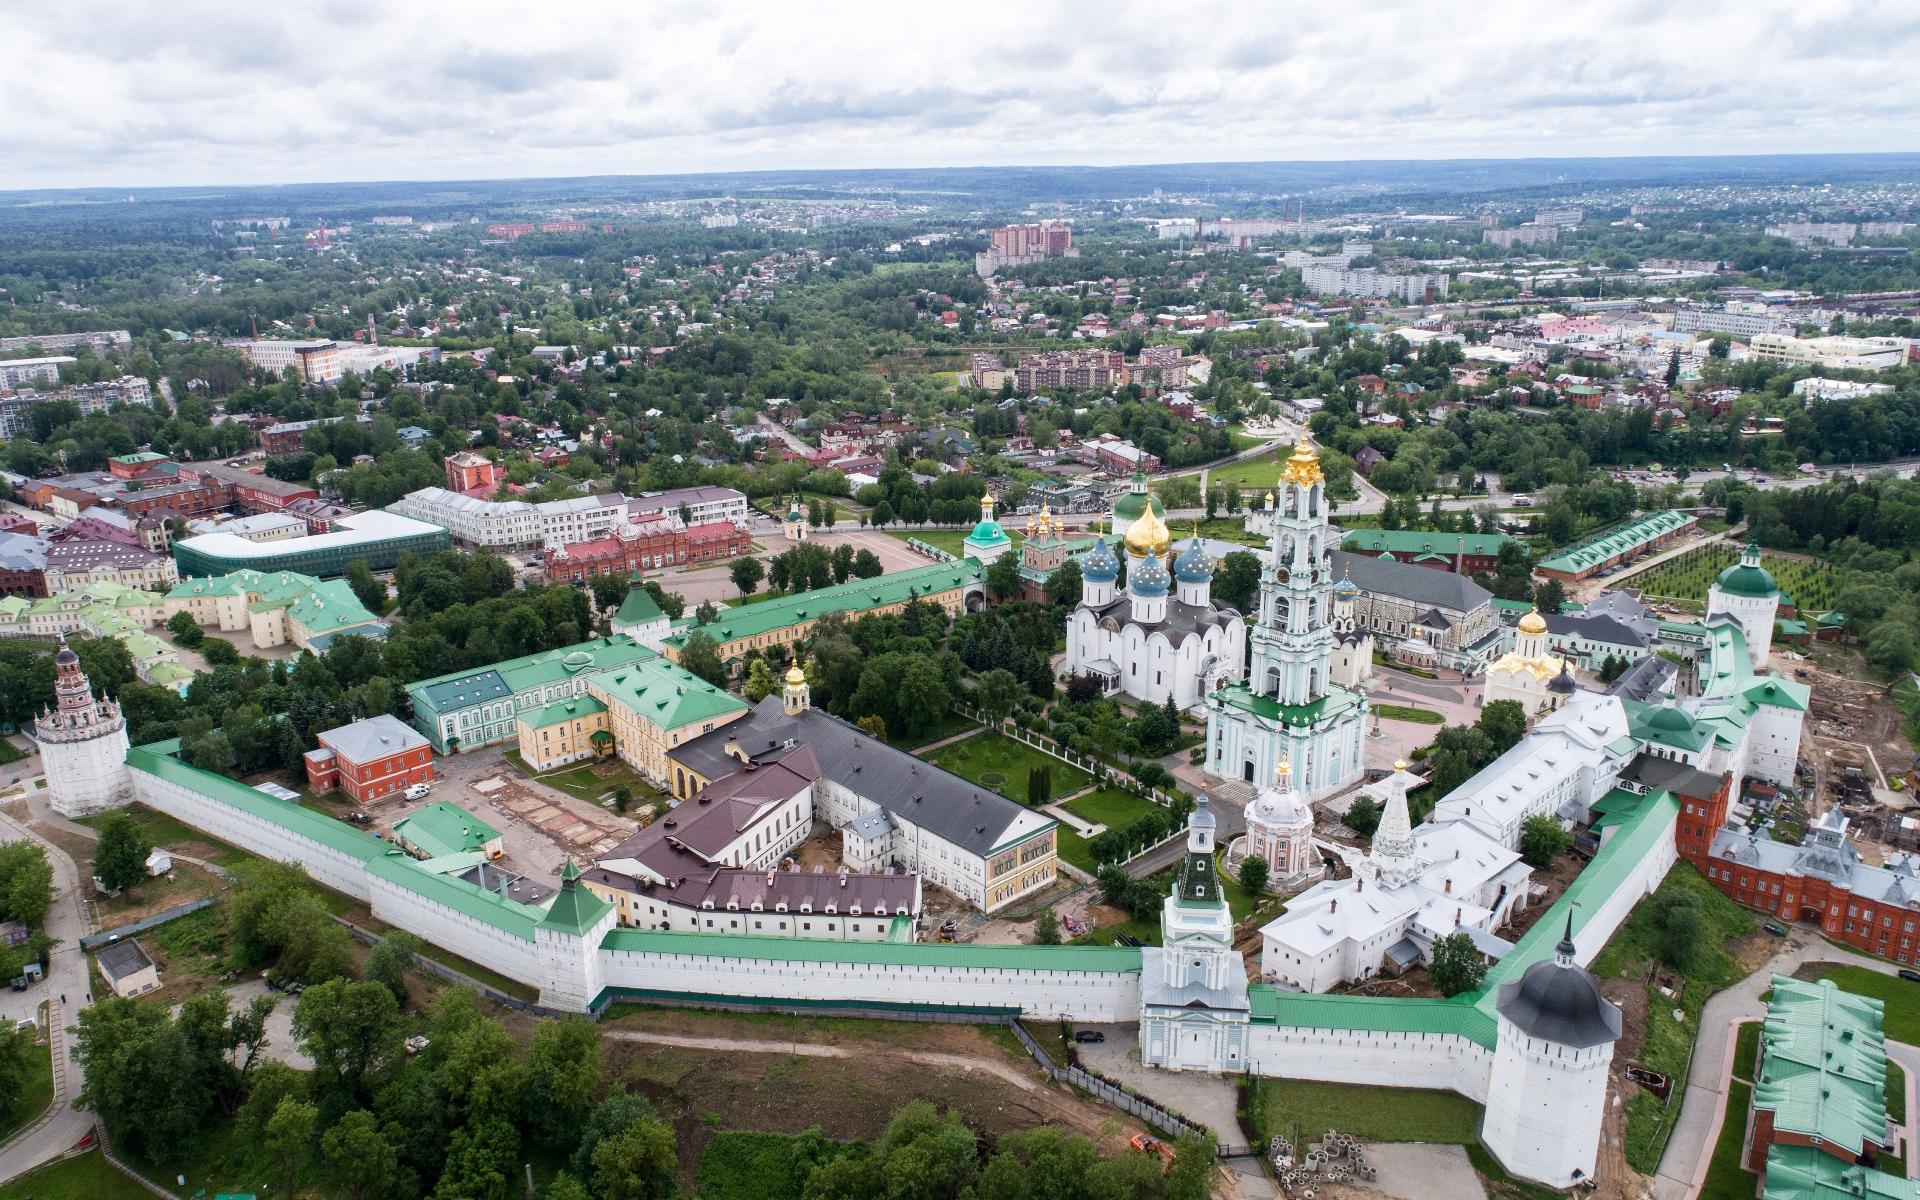 Сергиев Посад возглавил рейтинг городов Подмосковья с наибольшим ростом цен на вторичное жилье